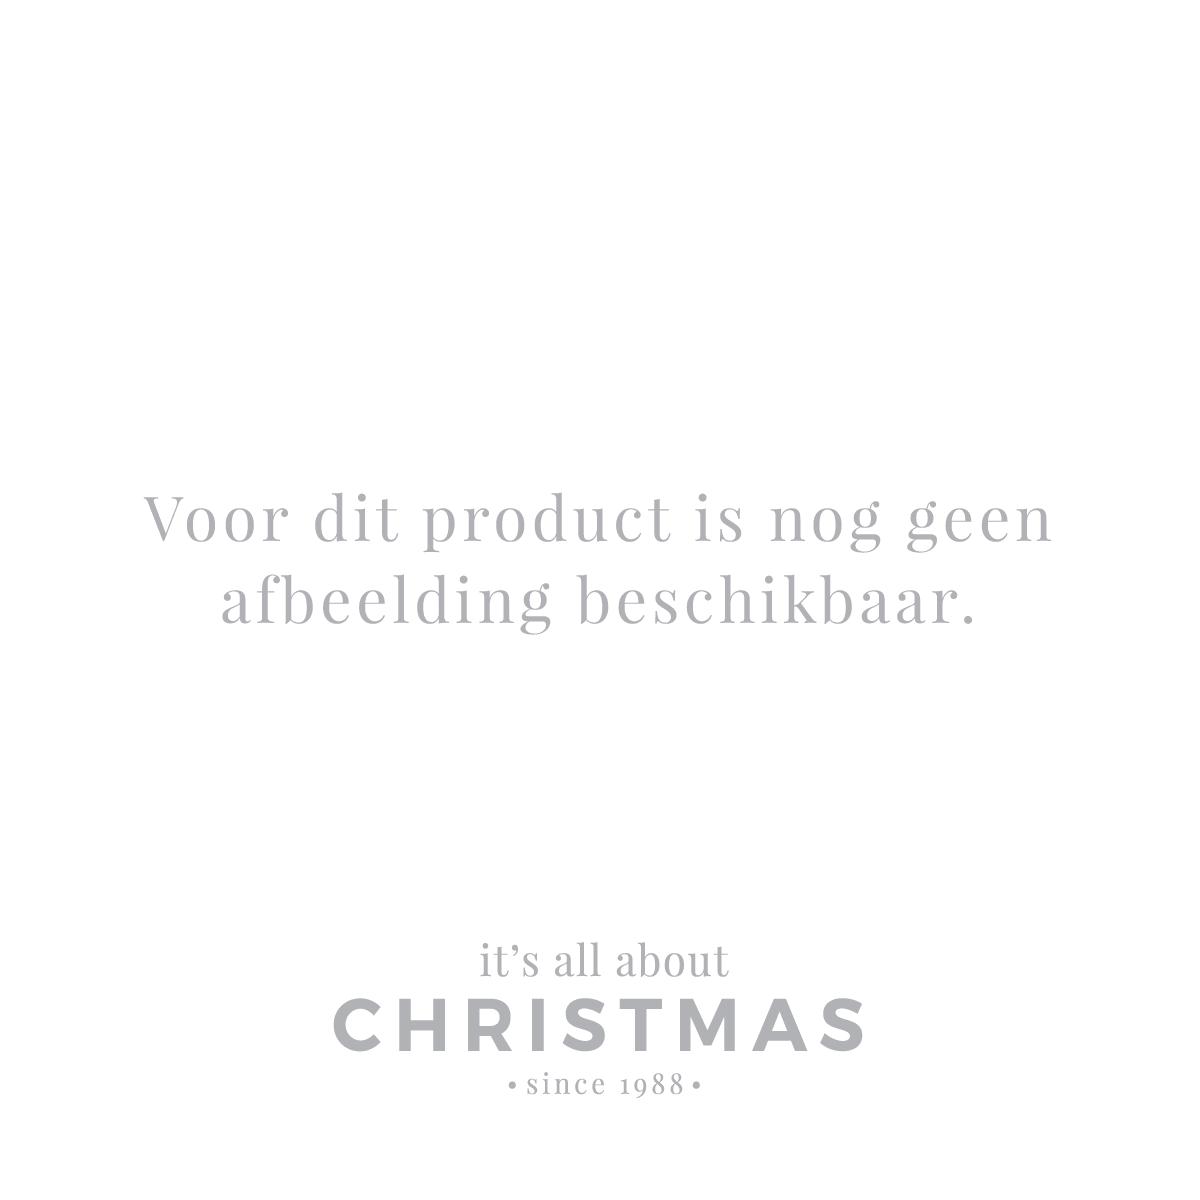 Künstlicher Weihnachtsbaum Wie Echt.Künstlicher Weihnachtsbaum Wie Echt Weihnachtsdekoration At